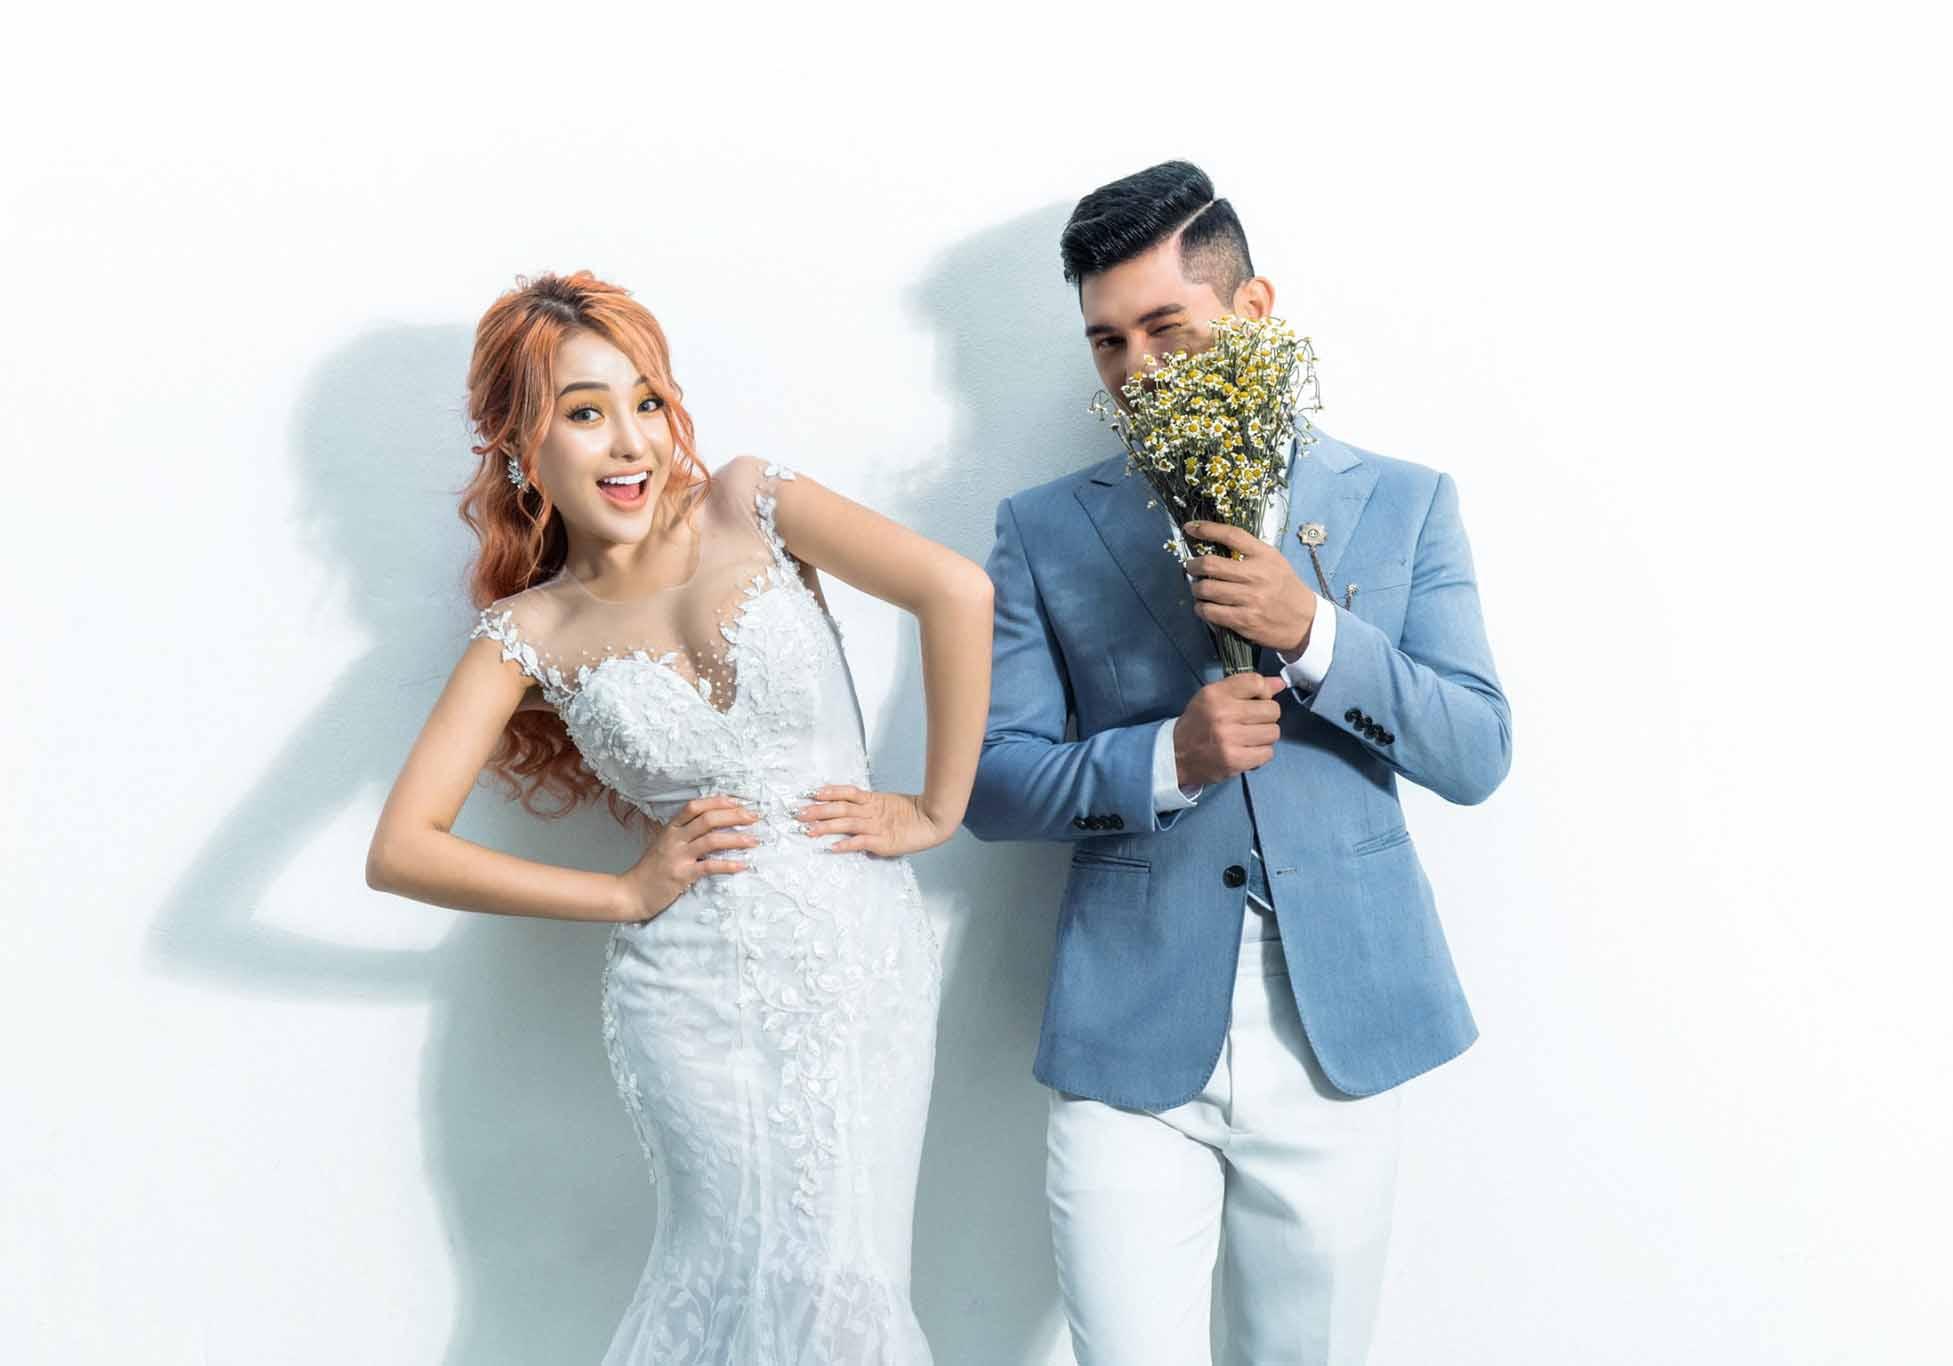 Lương Bằng Quang hoãn đám cưới với bạn gái kém 16 tuổi vì dịch Covid-19 - 1